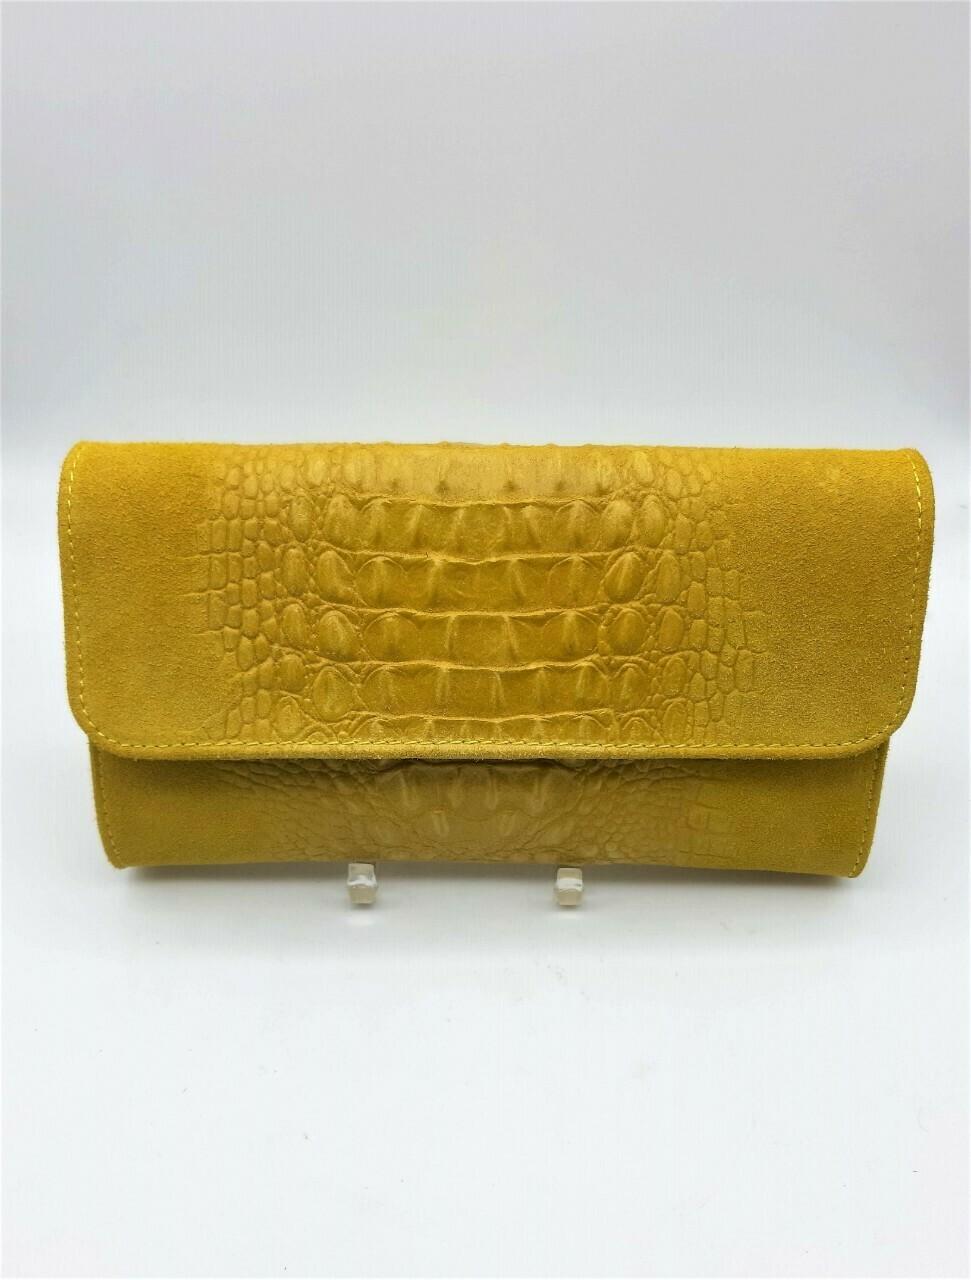 Sac / Pochette en cuir effet crocodile